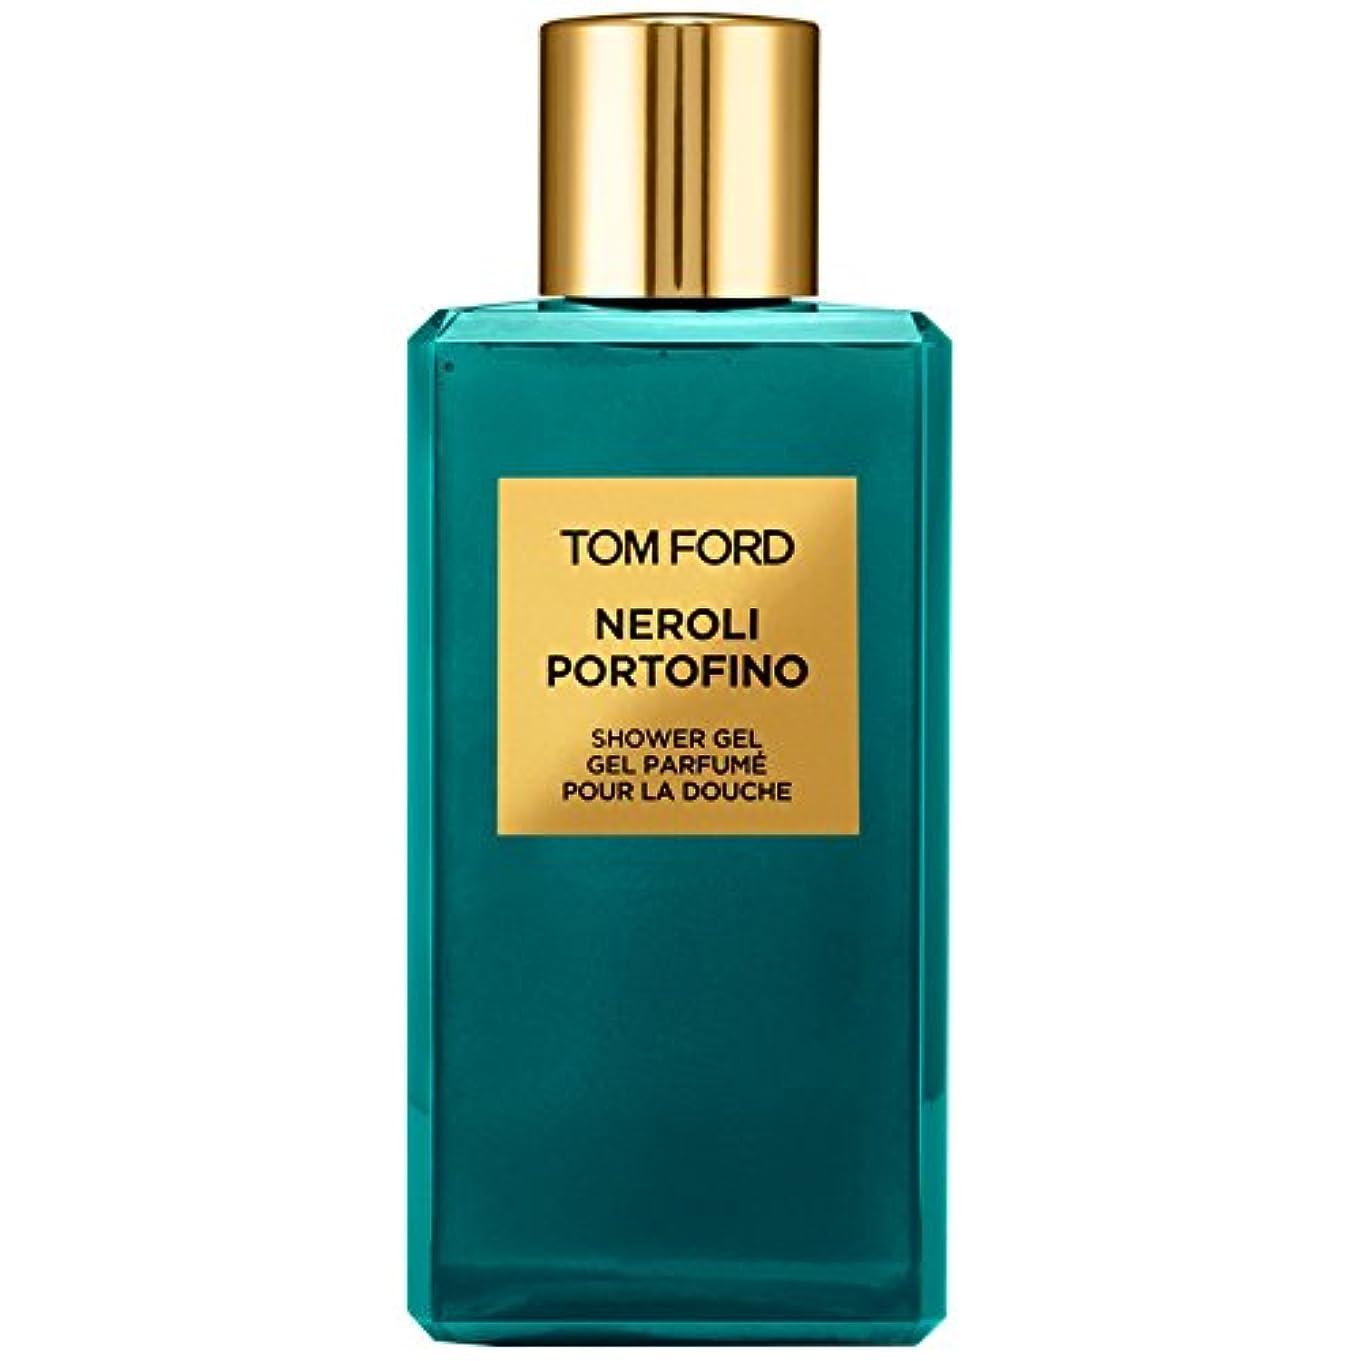 葉を集めるスコットランド人ありがたい[Tom Ford ] トムフォードネロリポルトフィーノシャワージェル250ミリリットル - TOM FORD Neroli Portofino Shower Gel 250ml [並行輸入品]